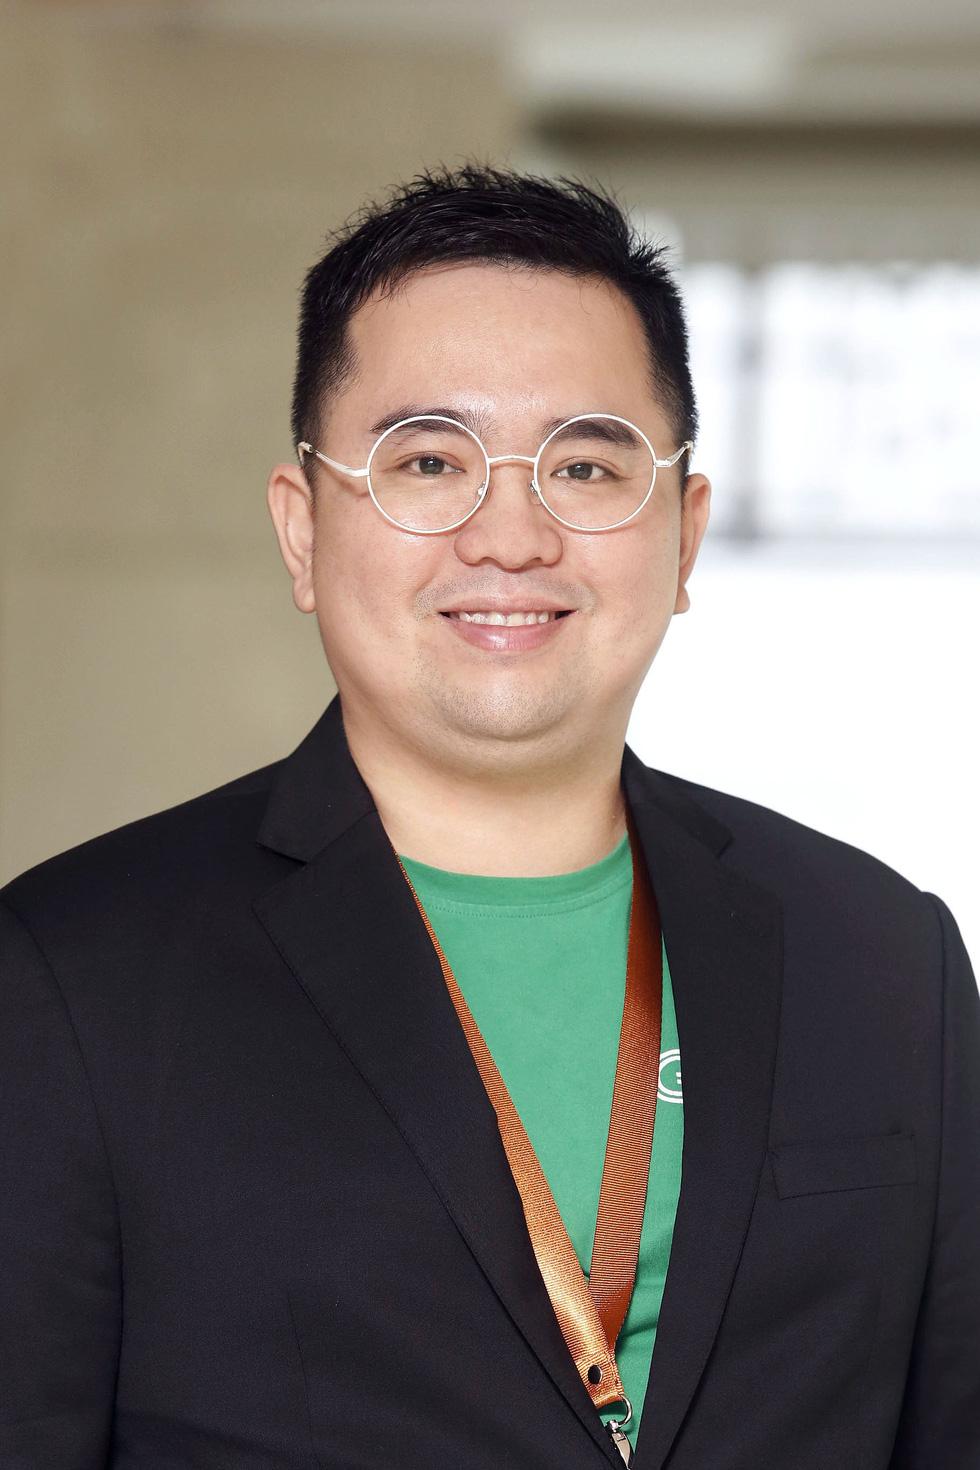 Người đưa siêu ứng dụng vào Việt Nam, ông Nguyễn Tuấn Anh chính thức rời Grab - Ảnh 1.